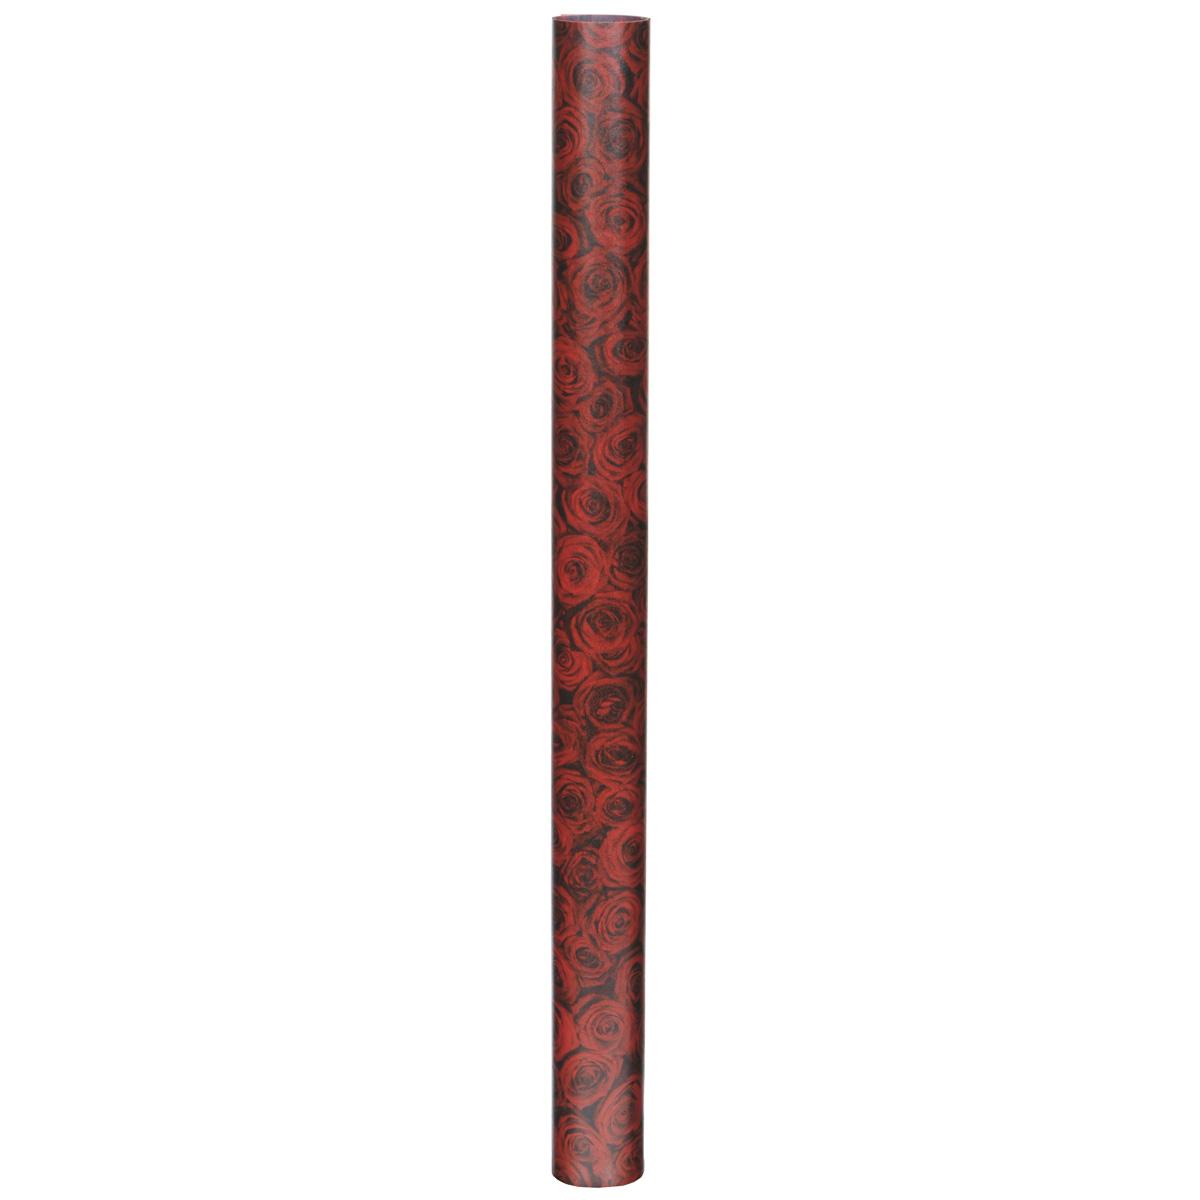 Транспарентная бумага Folia Розы, цвет: красный, 50,5 x 70 см7708105Транспарентная бумага Folia Розы - полупрозрачная бумага с оригинальным дизайном в виде роз. Используется для изготовления открыток, для скрапбукинга и других декоративных или дизайнерских работ. Бумага прекрасно держит форму, не пачкает руки, отлично крепится. Конструирование из транспарентной бумаги - необходимый для развития детей процесс. Во время занятия аппликацией ребенок сумеет разработать четкость движений, ловкость пальцев, аккуратность и внимательность. Кроме того, транспарентная бумага позволит разнообразить идеи ребенка при создании творческих работ.